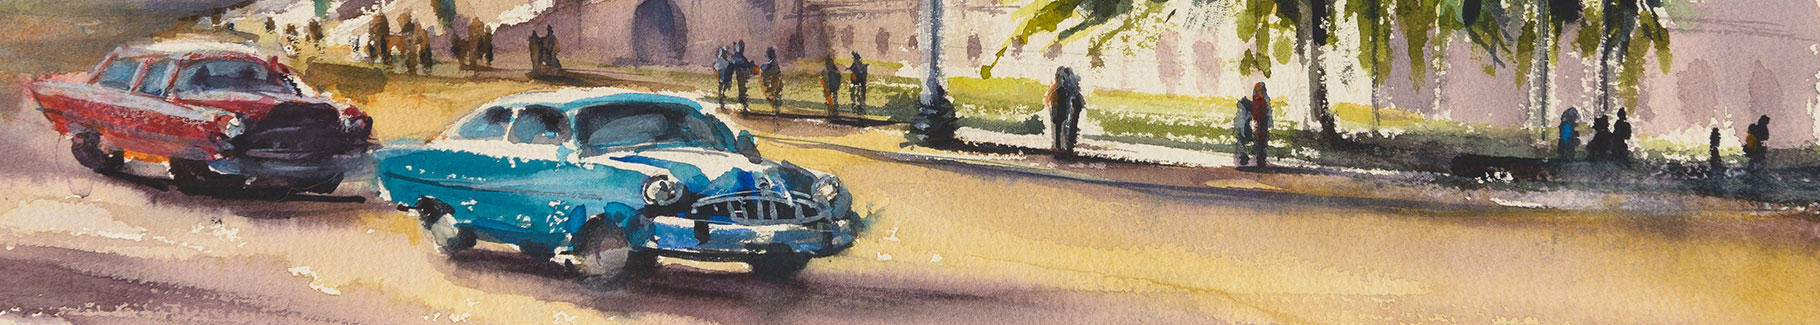 Fototapeta samochody na Kubie